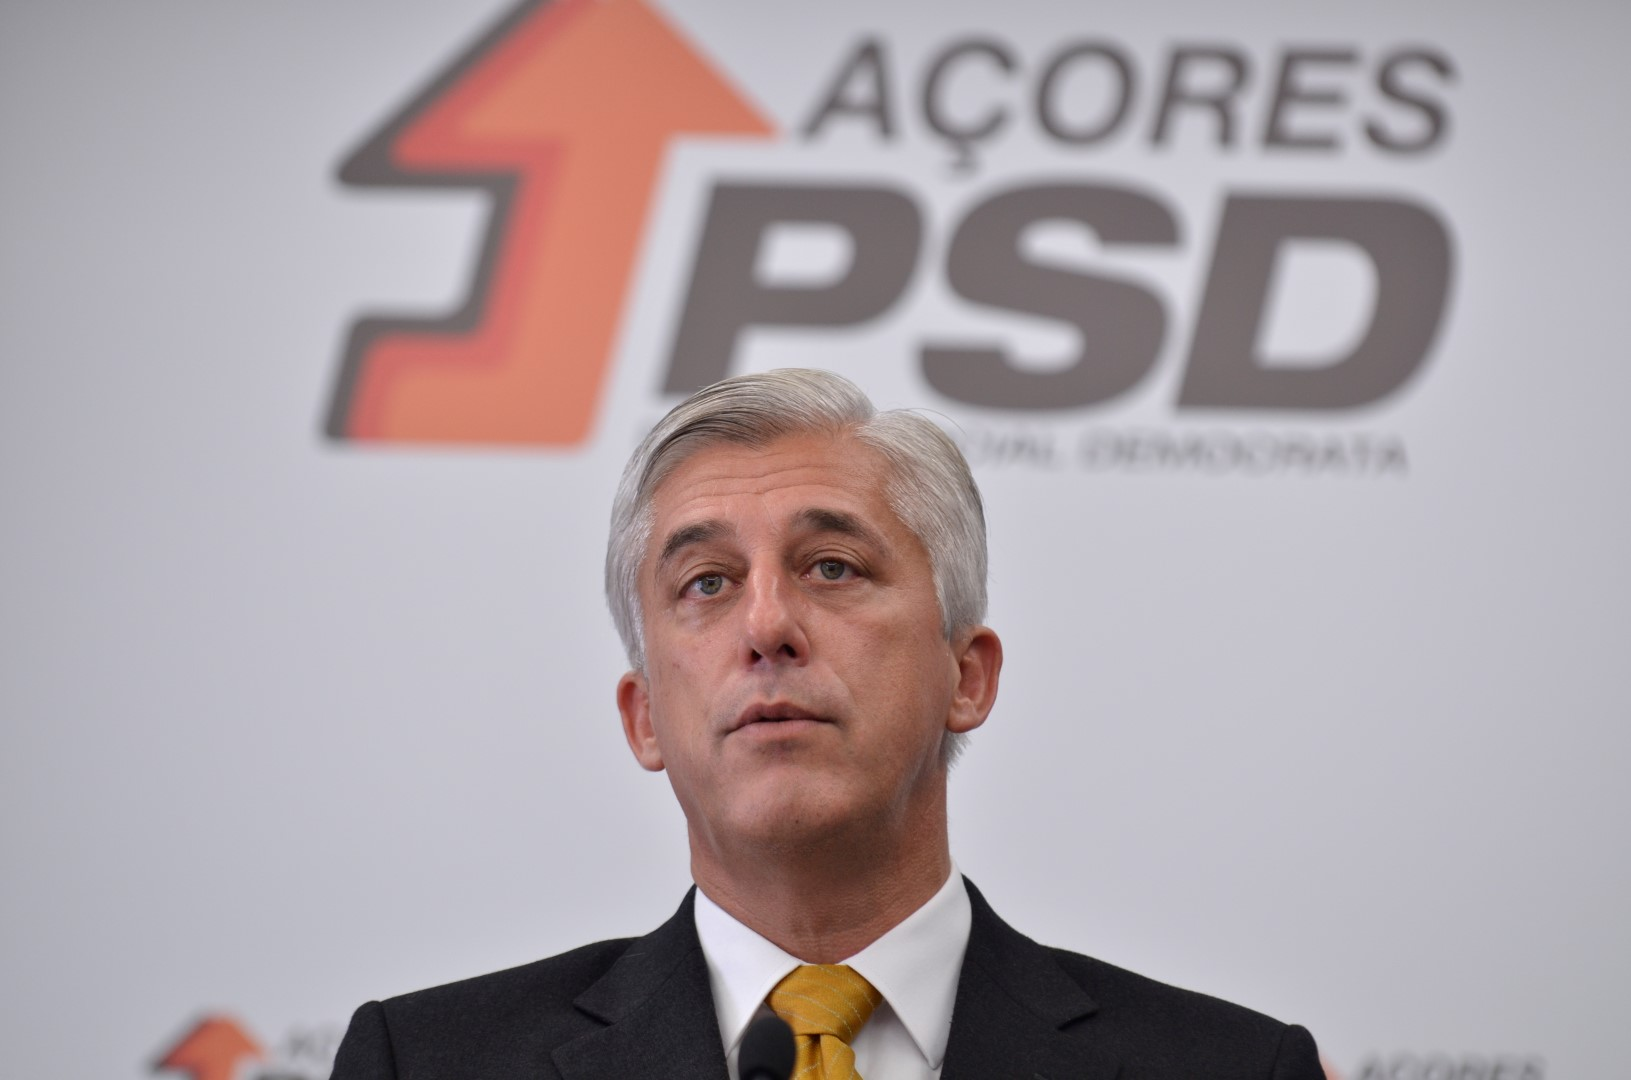 Duarte Freitas diz que o PSD/Açores continua do lado certo da História